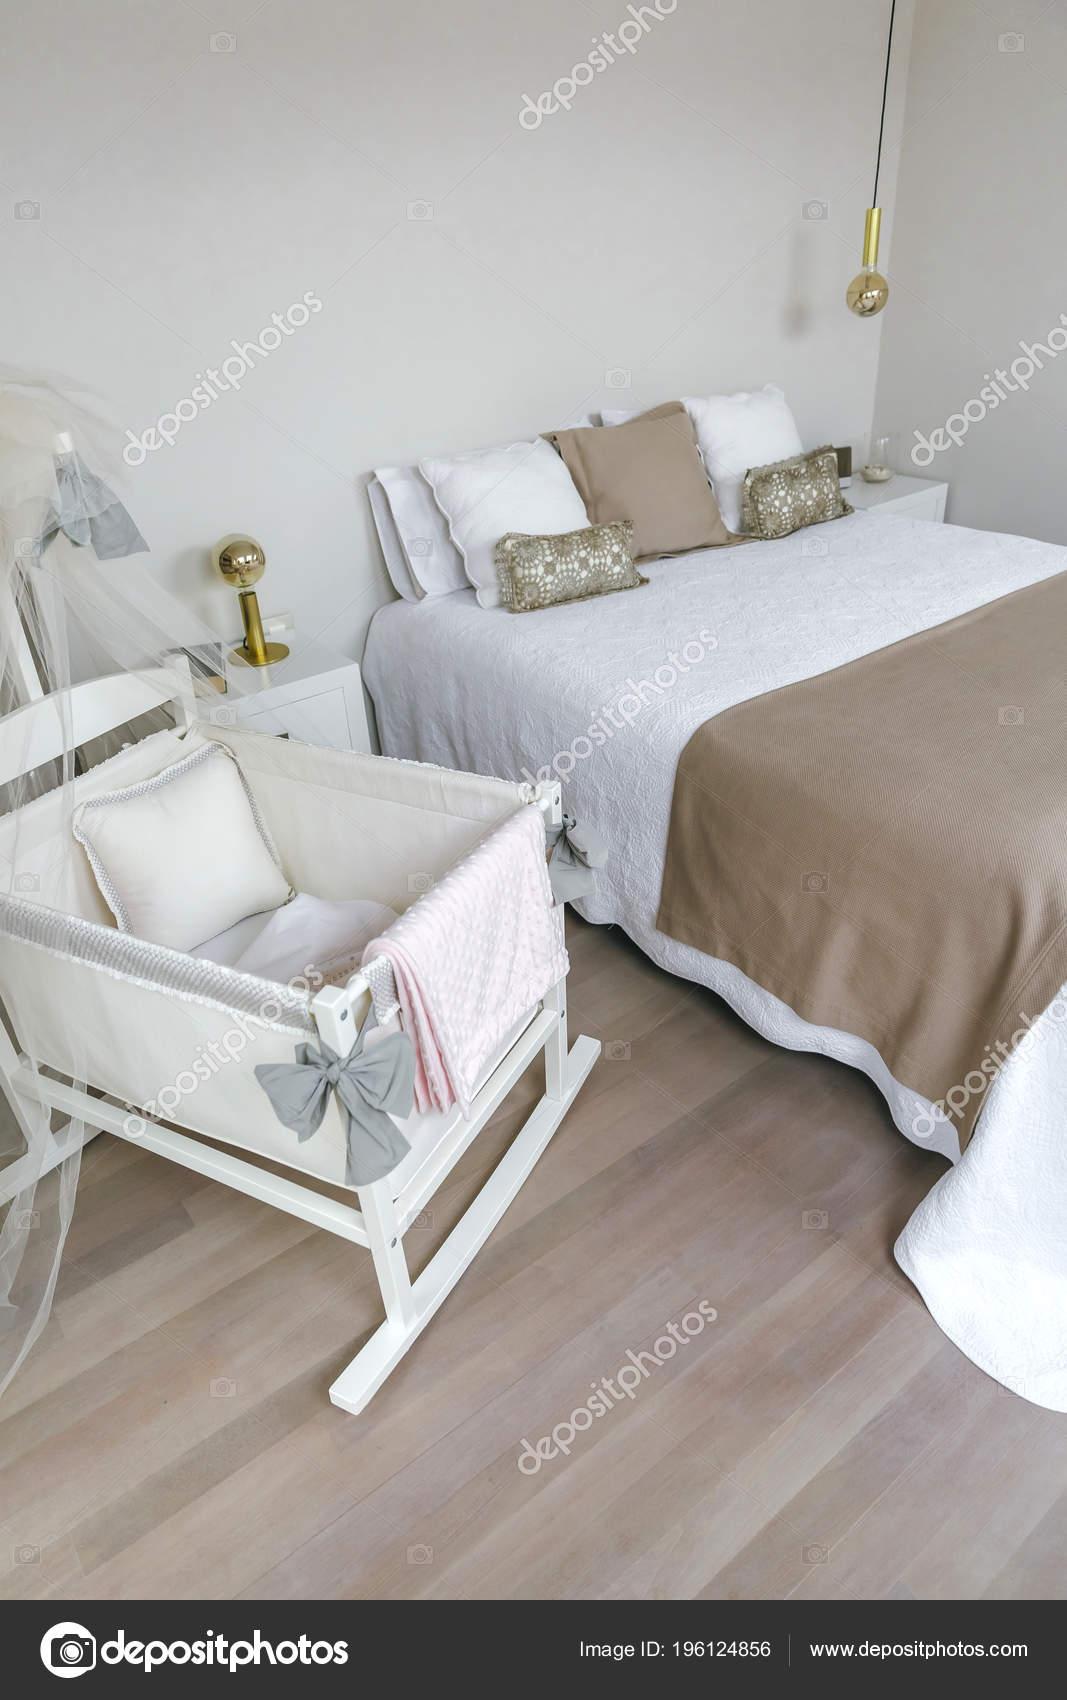 Sypialnia Z Podwójnym łóżkiem I łóżeczko Dla Dziecka